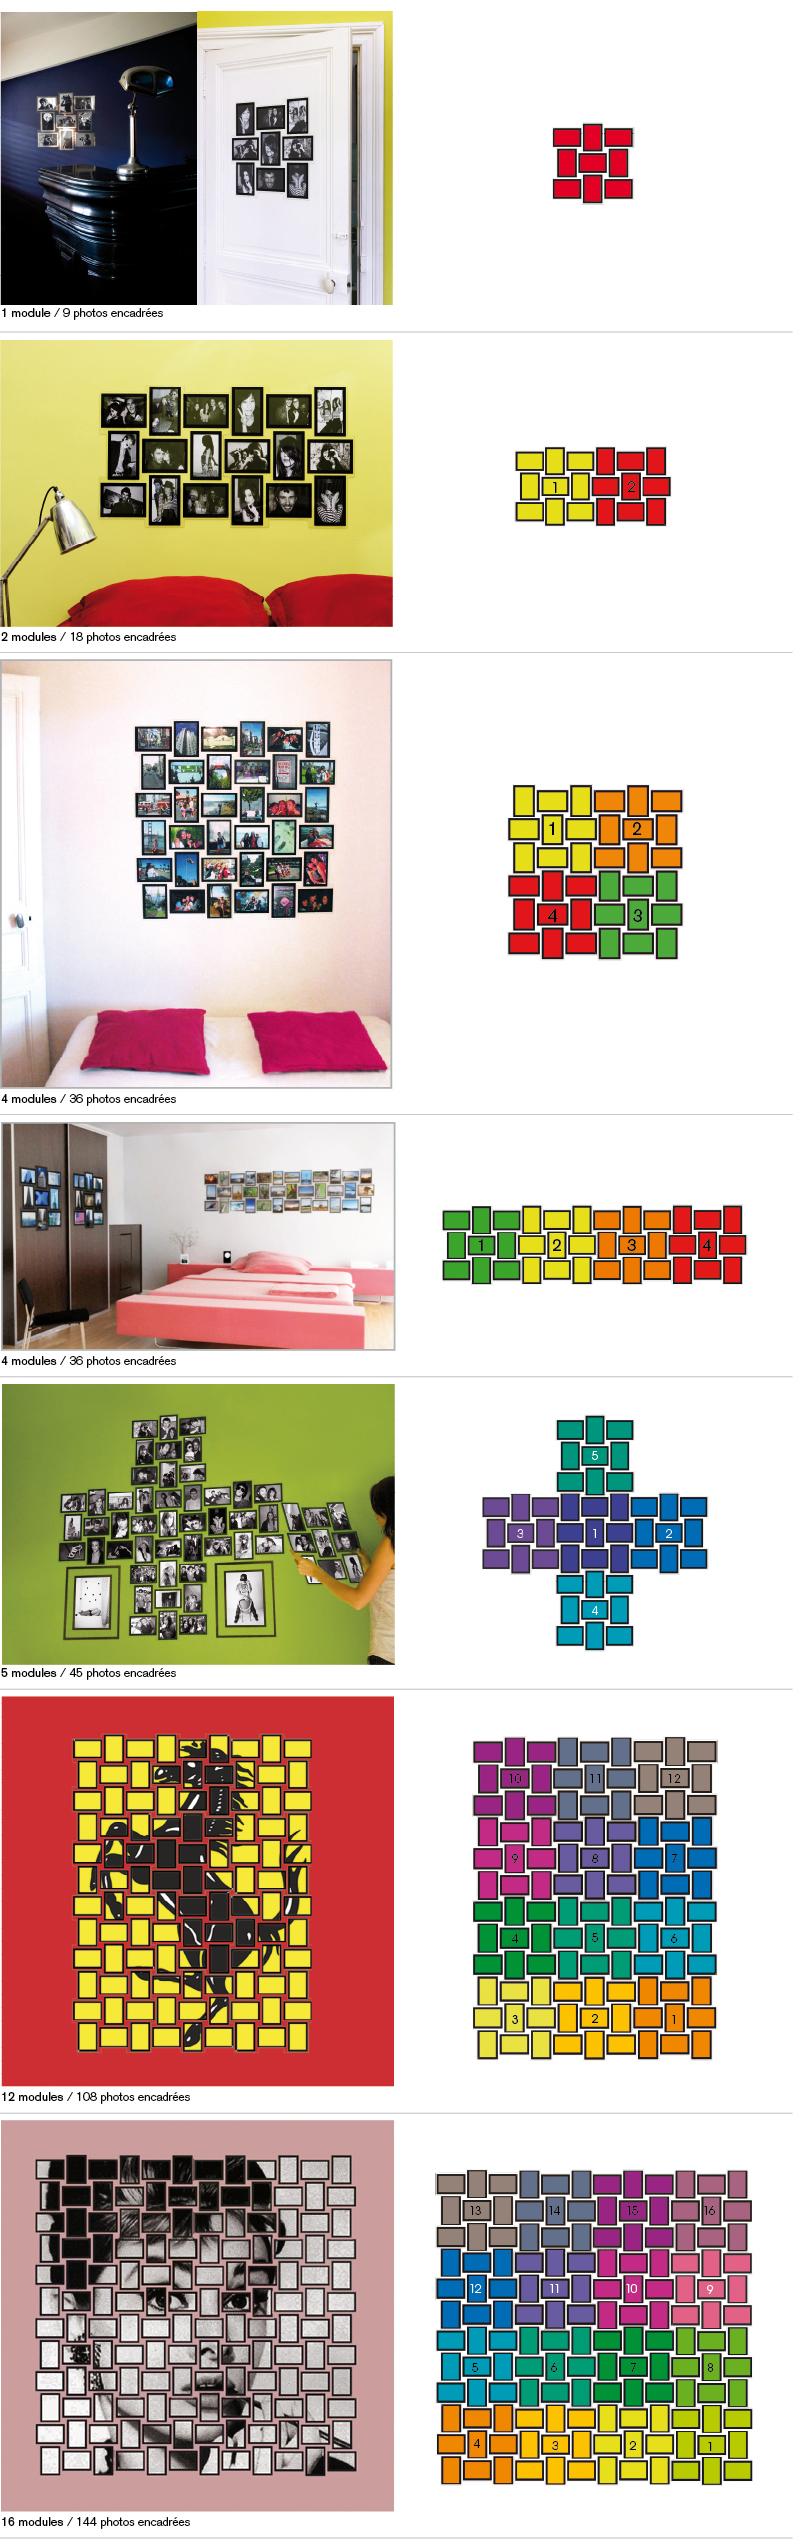 motifs-module-affichage-xxl-carré-pele-mele